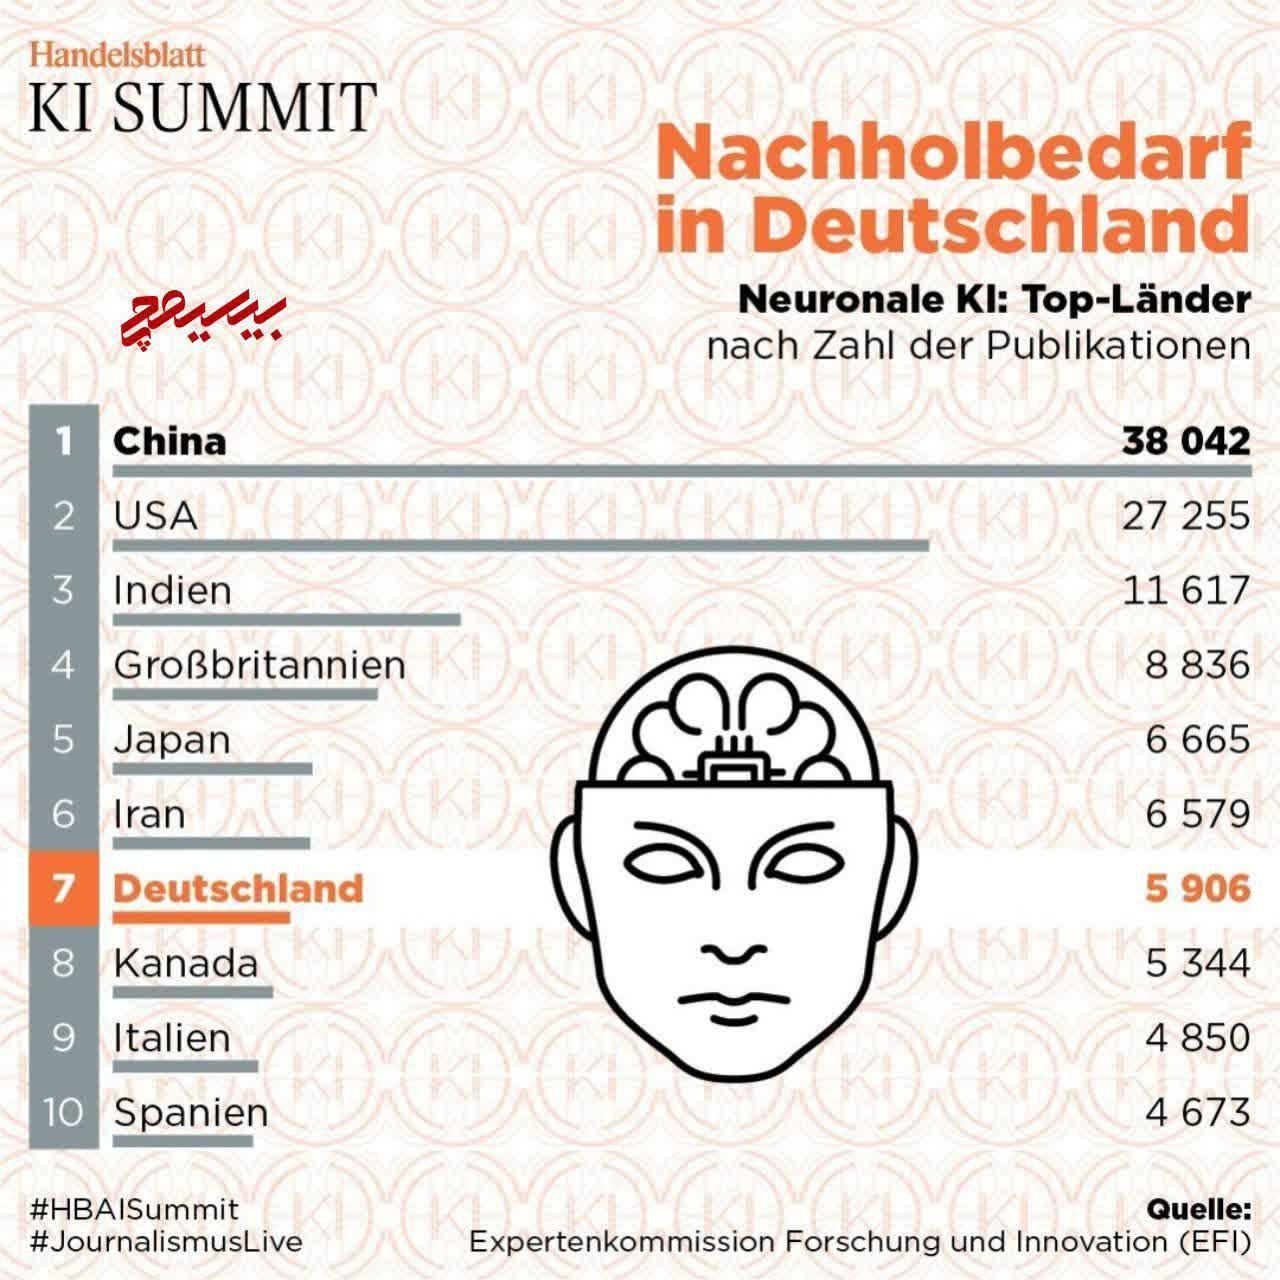 ایران بالاتر از آلمان در حوزه هوش مصنوعی